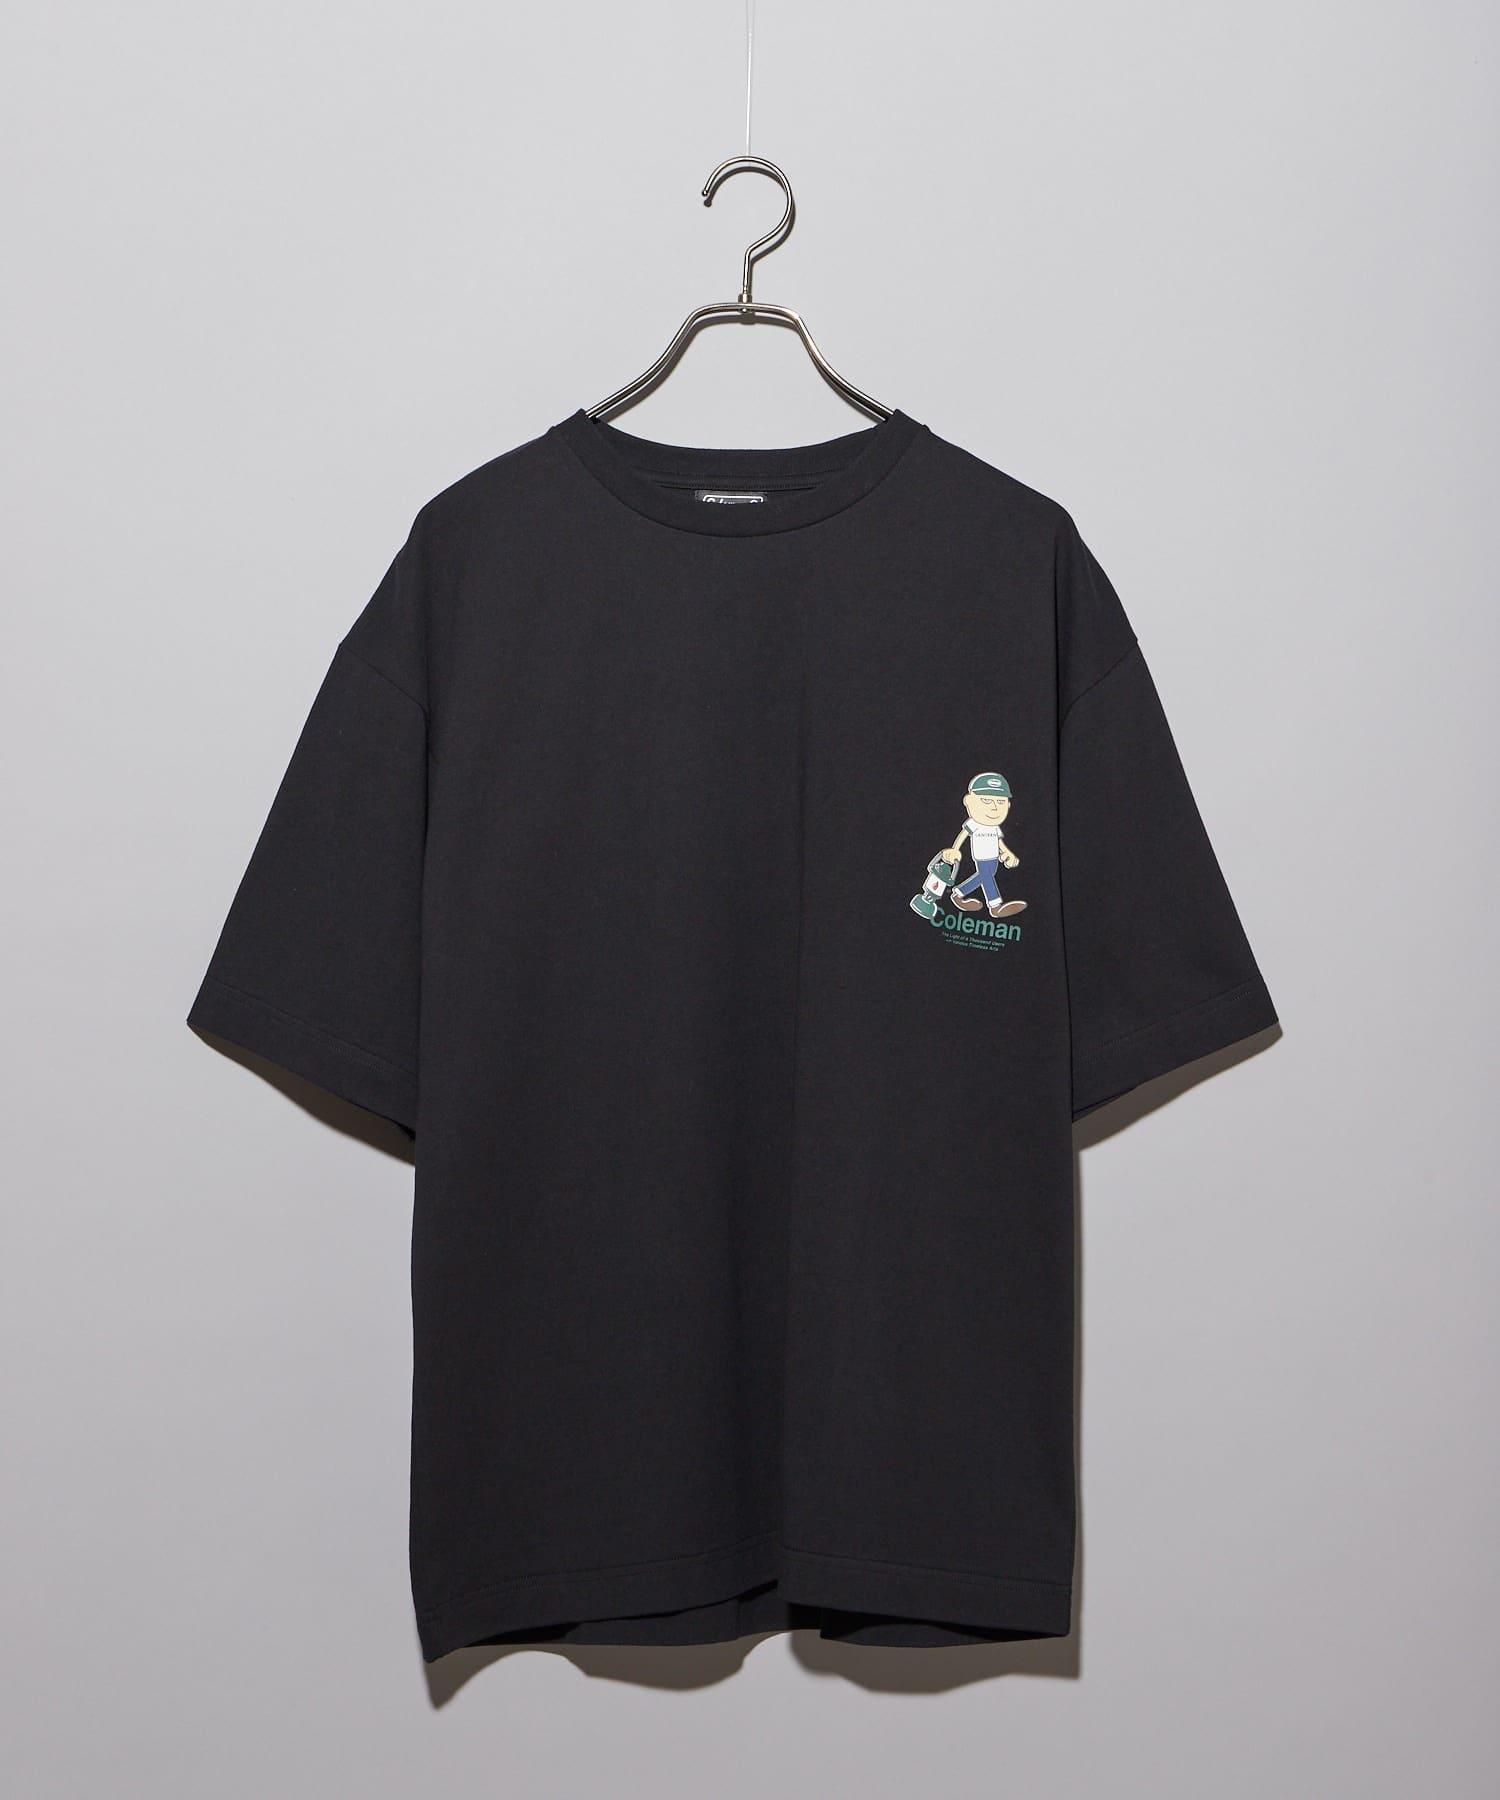 CIAOPANIC(チャオパニック) 【Coleman×CIAOPANIC】LANTERN MAN プリントTシャツ